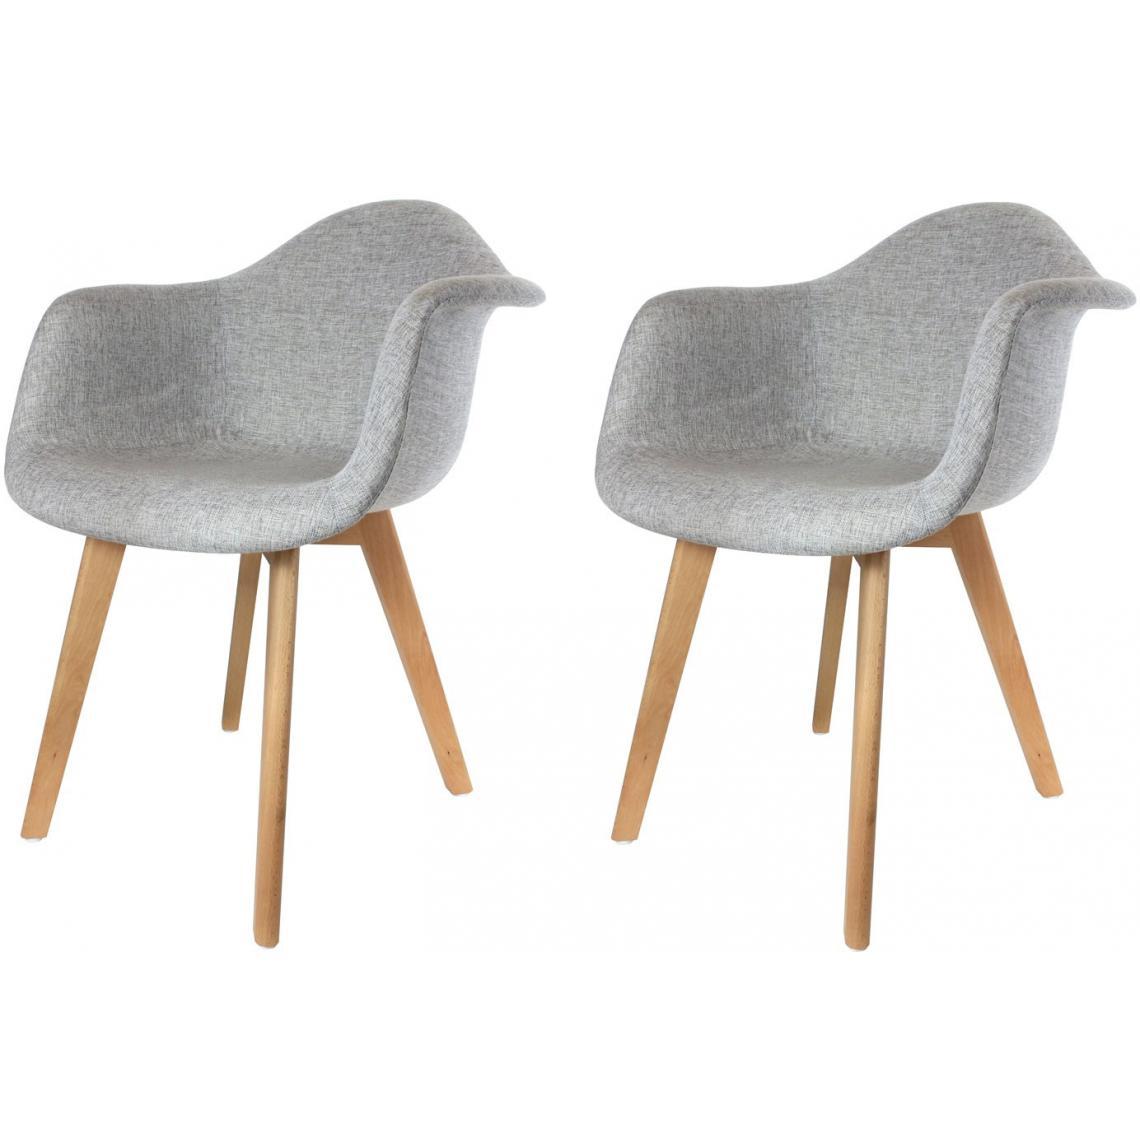 lot de 2 chaises scandinaves avec accoudoir tissu grises fjord